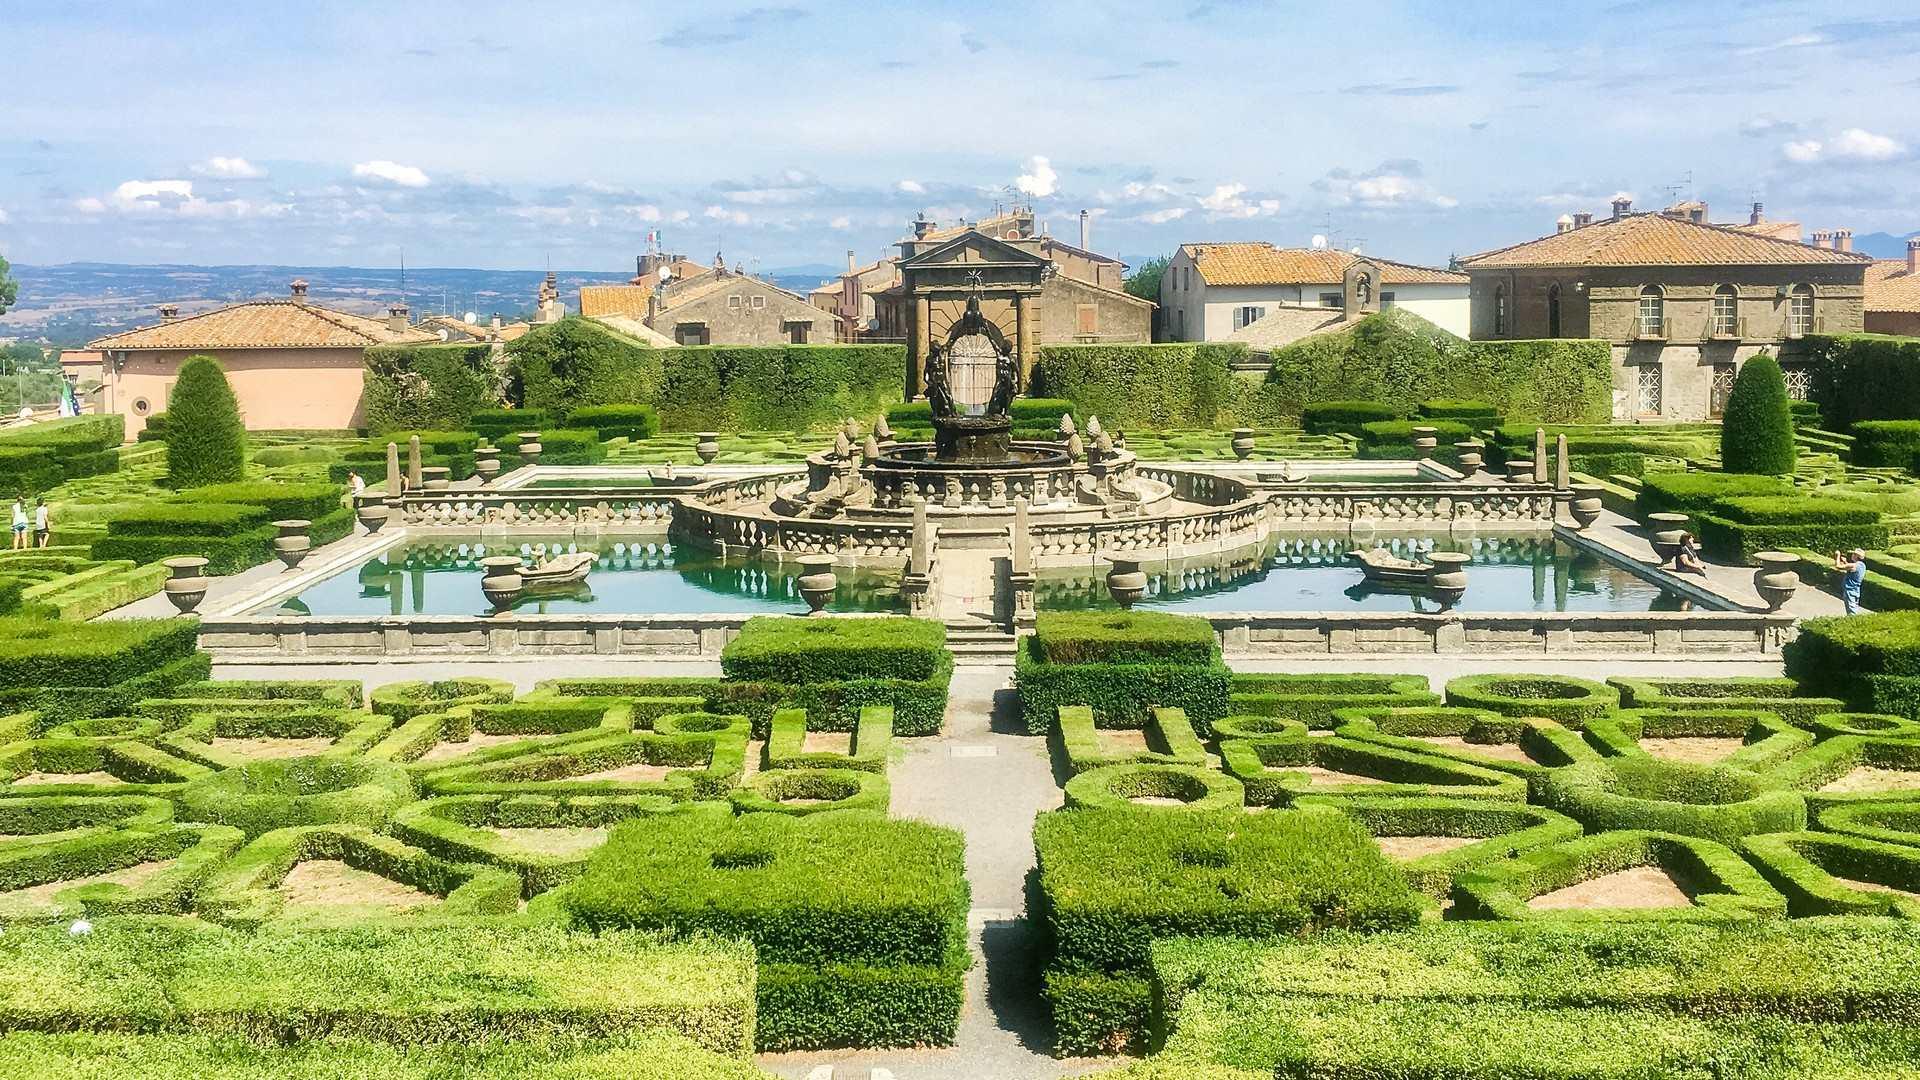 La vista sul giardino della villa lante a bagnaia con un primo piano sulle forme geometriche dei cespugli che danno al visitatore la sensazione di trovarsi in un labirinto.